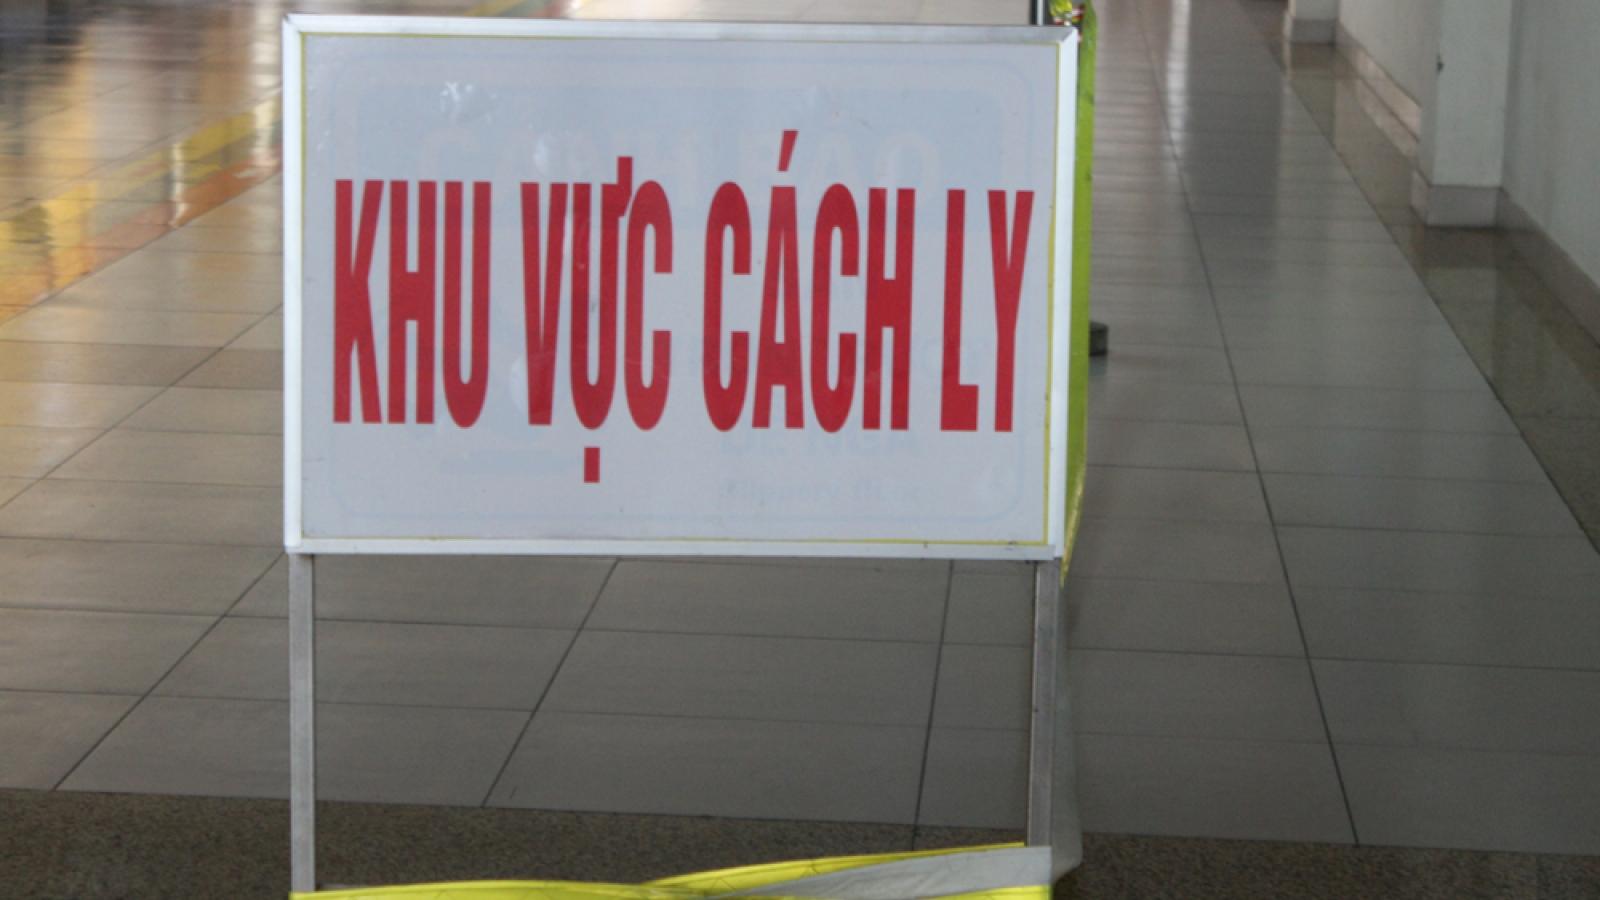 Thêm 2 chuyên gia nước ngoài khỏi Covid-19 tại Việt Nam